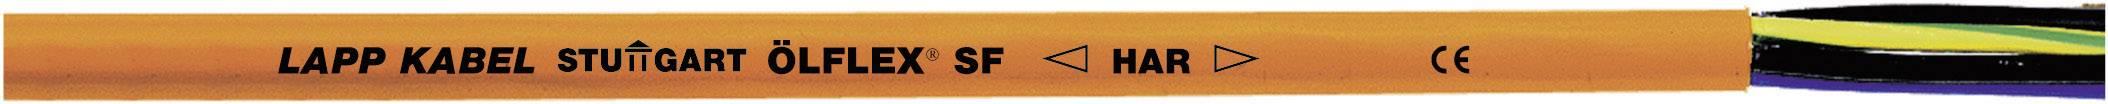 Připojovací kabel LappKabel ÖLFLEX® SF, 00277023, 4 G 1.50 mm², oranžová, 50 m